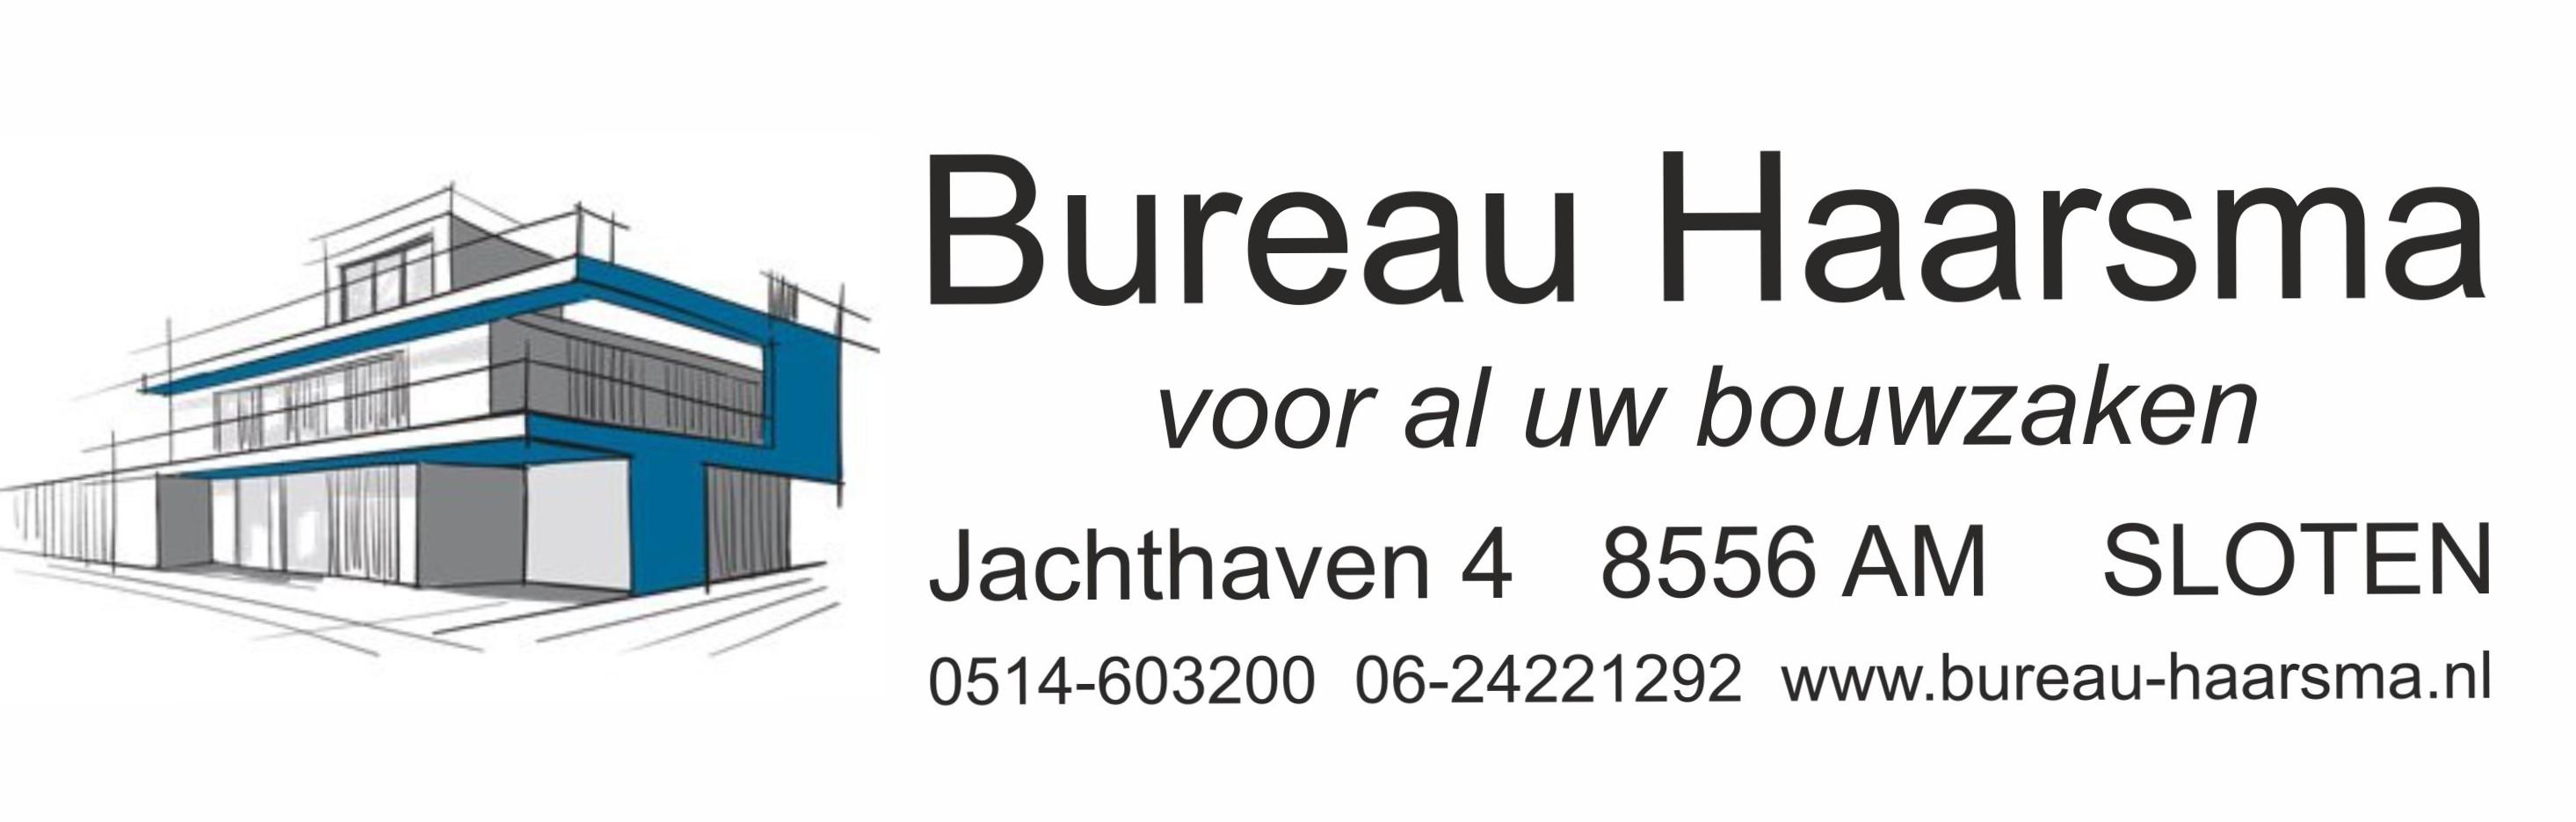 Bureau Haarsma